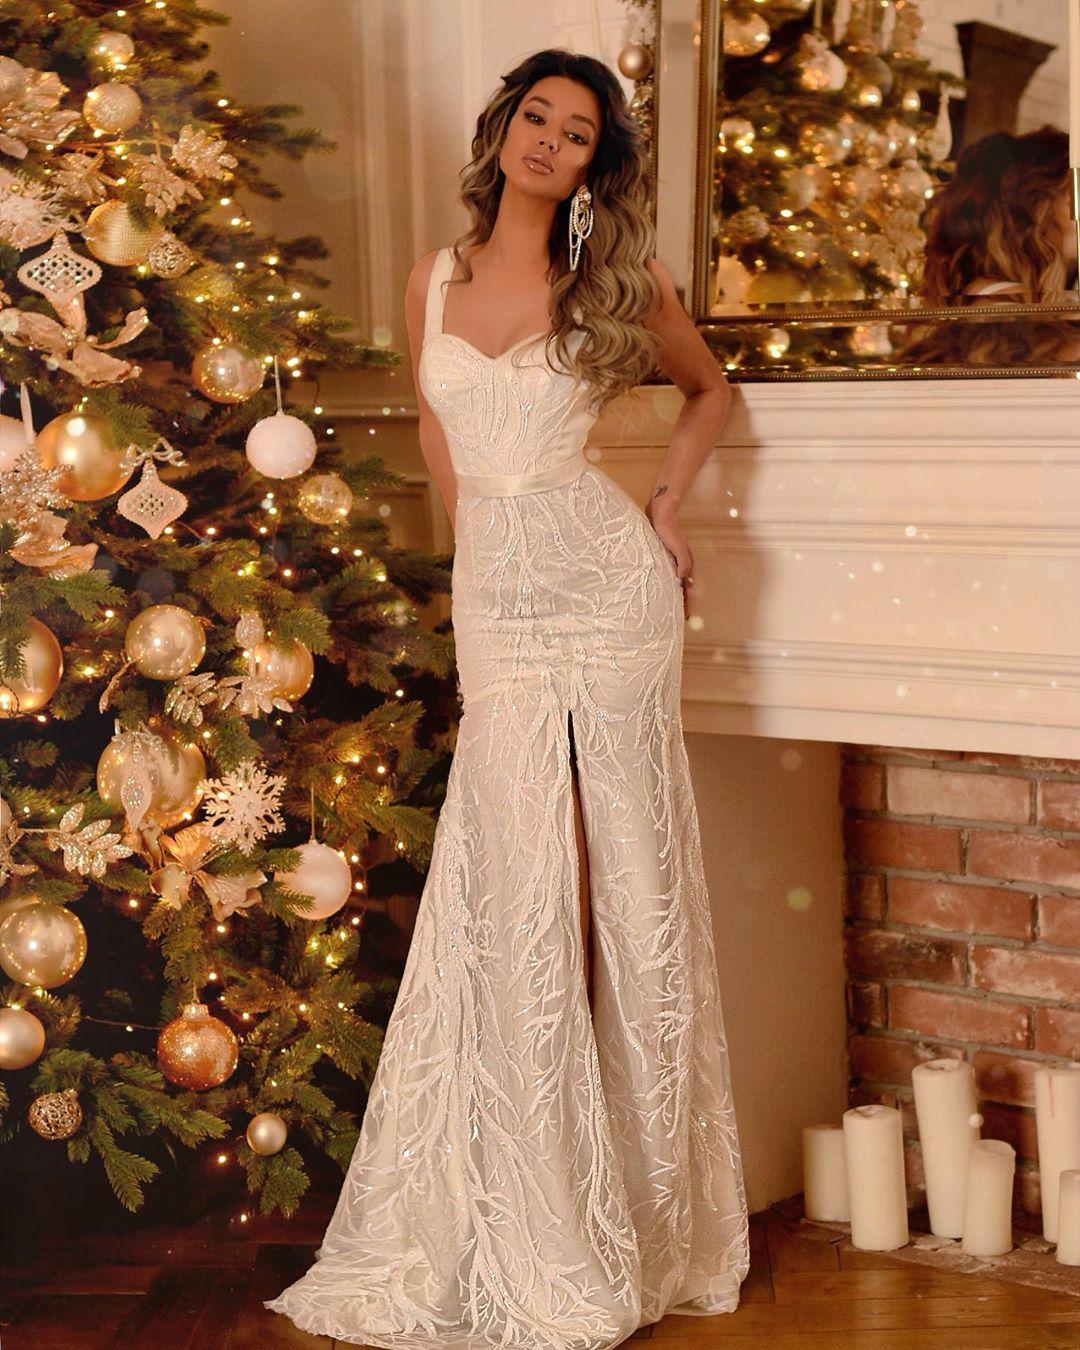 Самые красивые новогодние платья 2020 фото 9